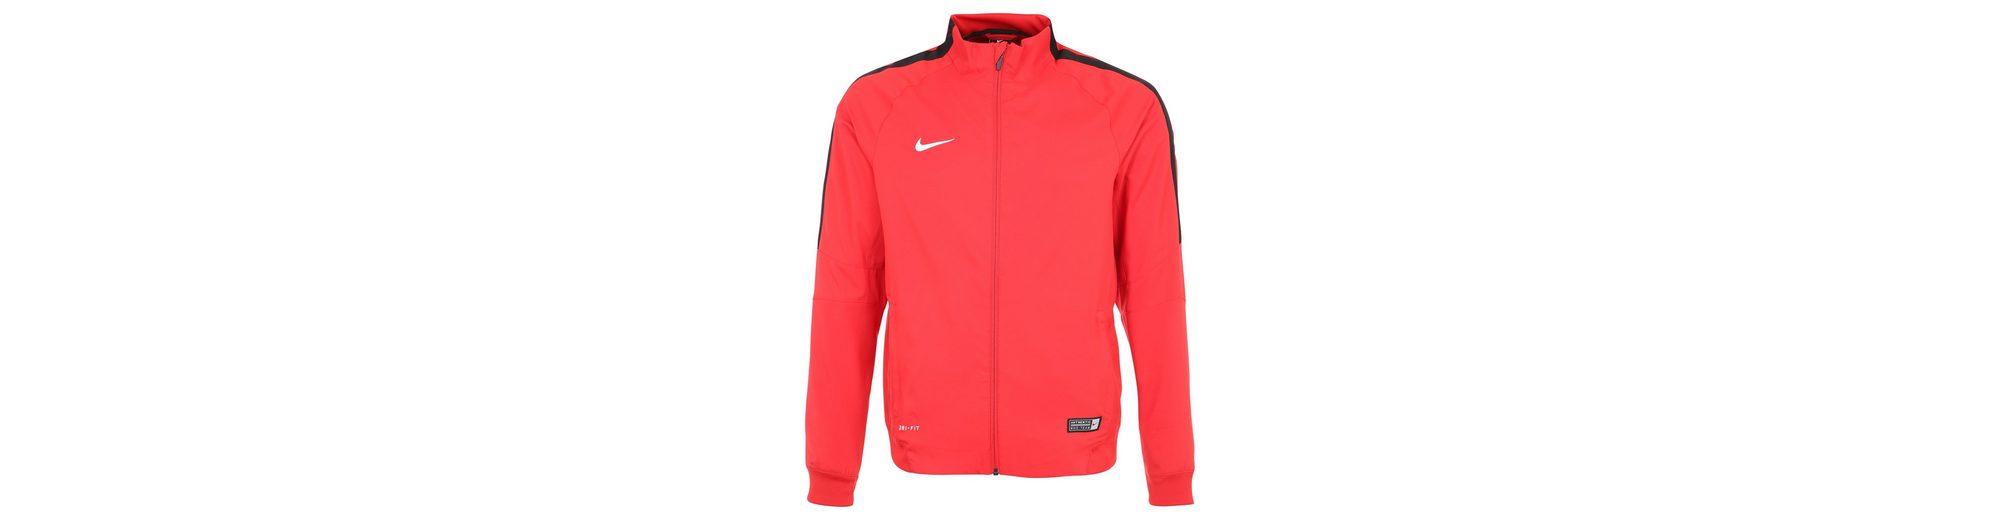 Nike Squad 15 Sideline Präsentationsjacke Herren Verkauf Wählen Eine Beste Zu Verkaufen Sehr Billig Mode-Stil Günstig Online Zb4Os0gvW